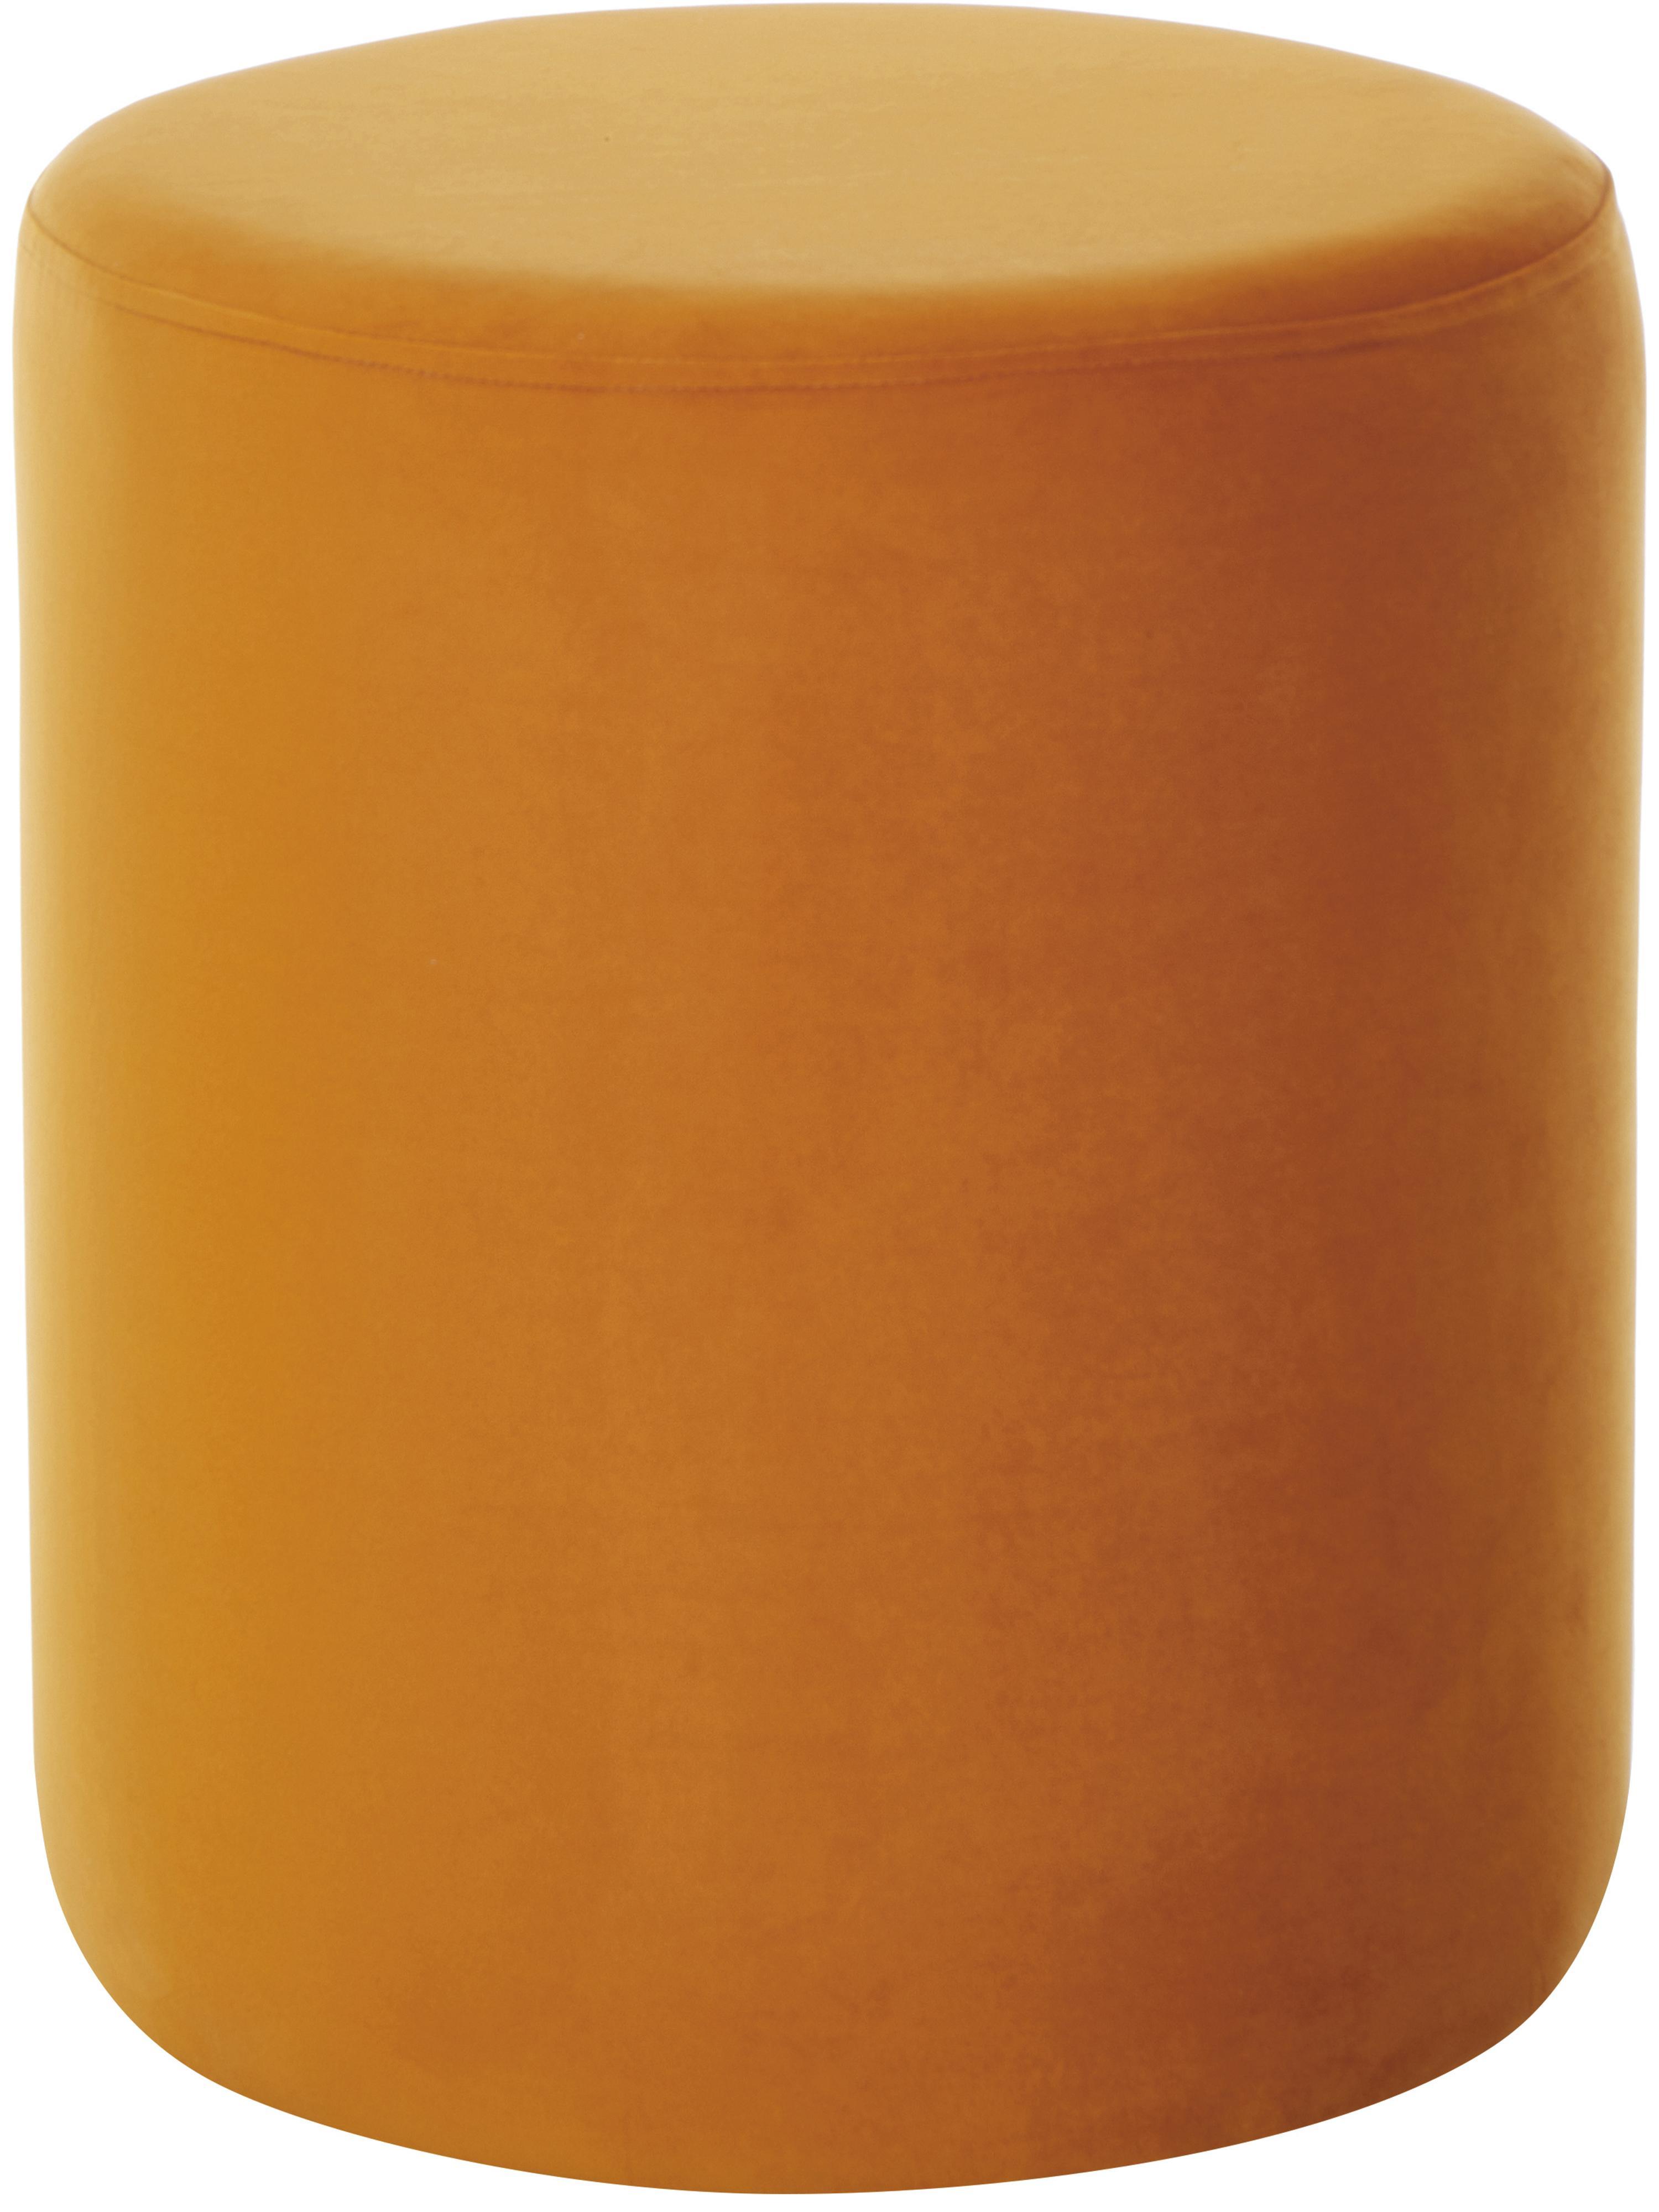 Puf z aksamitu Daisy, Tapicerka: aksamit (poliester) 2500, Aksamitny terakotowy, Ø 38 x W 45 cm